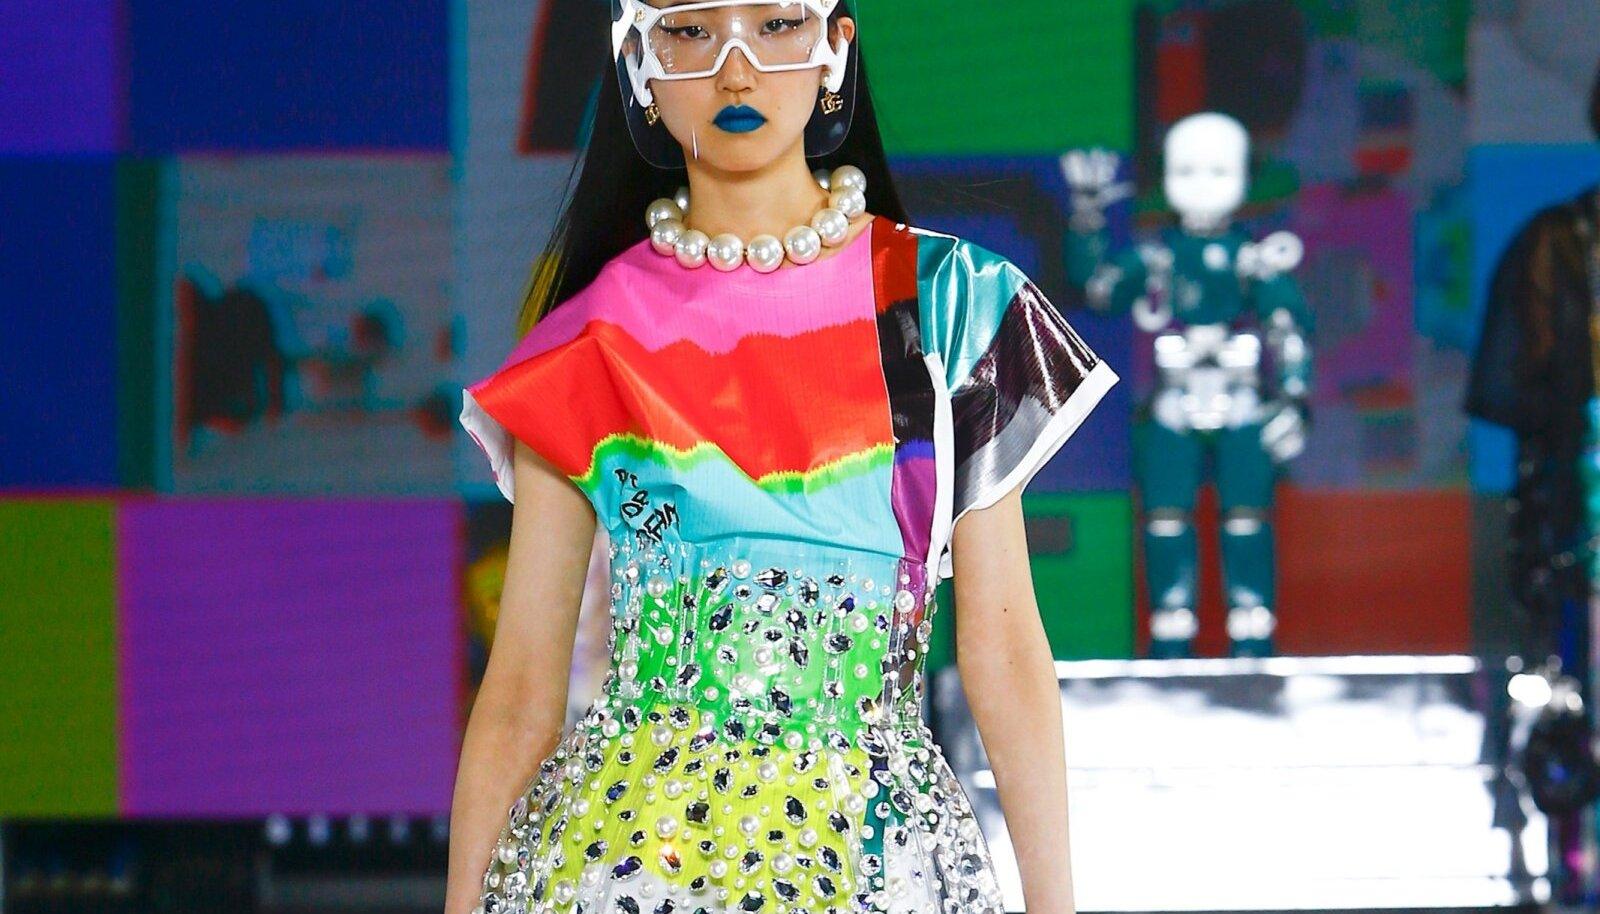 Mida pilkupüüdvam, seda parem. Dolce & Gabbana 2021. aasta valmisriiete kollektsioon